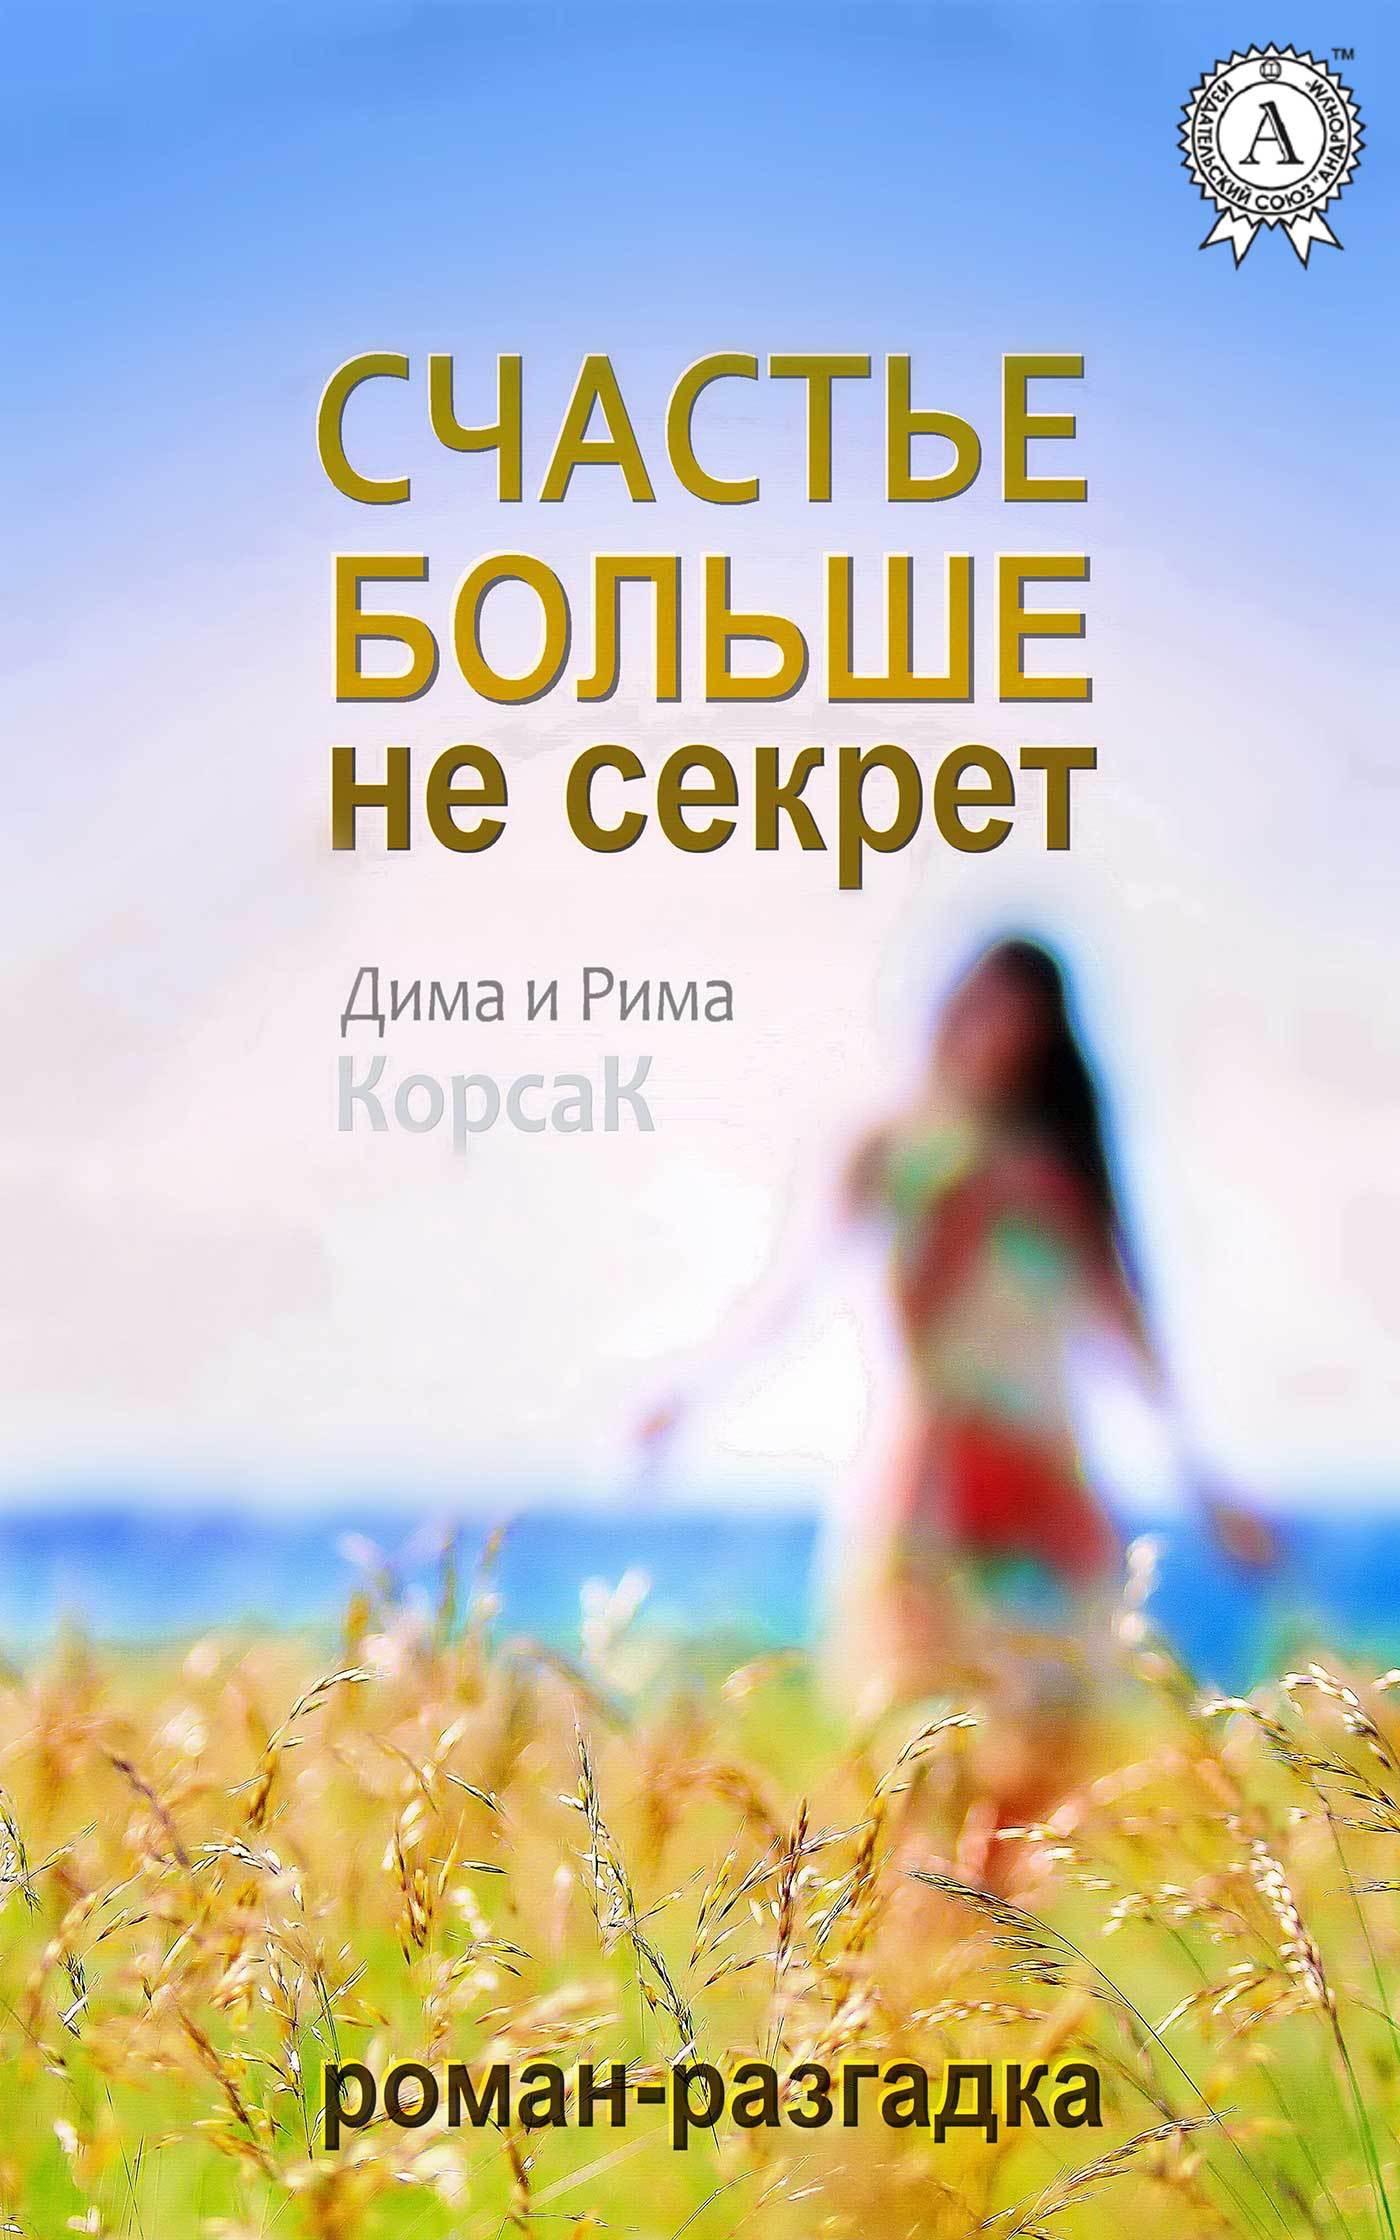 Рима КорсаК Счастье больше не секрет премананда великое заблуждение обрети истиное счастье благодаря простому пониманию dvd